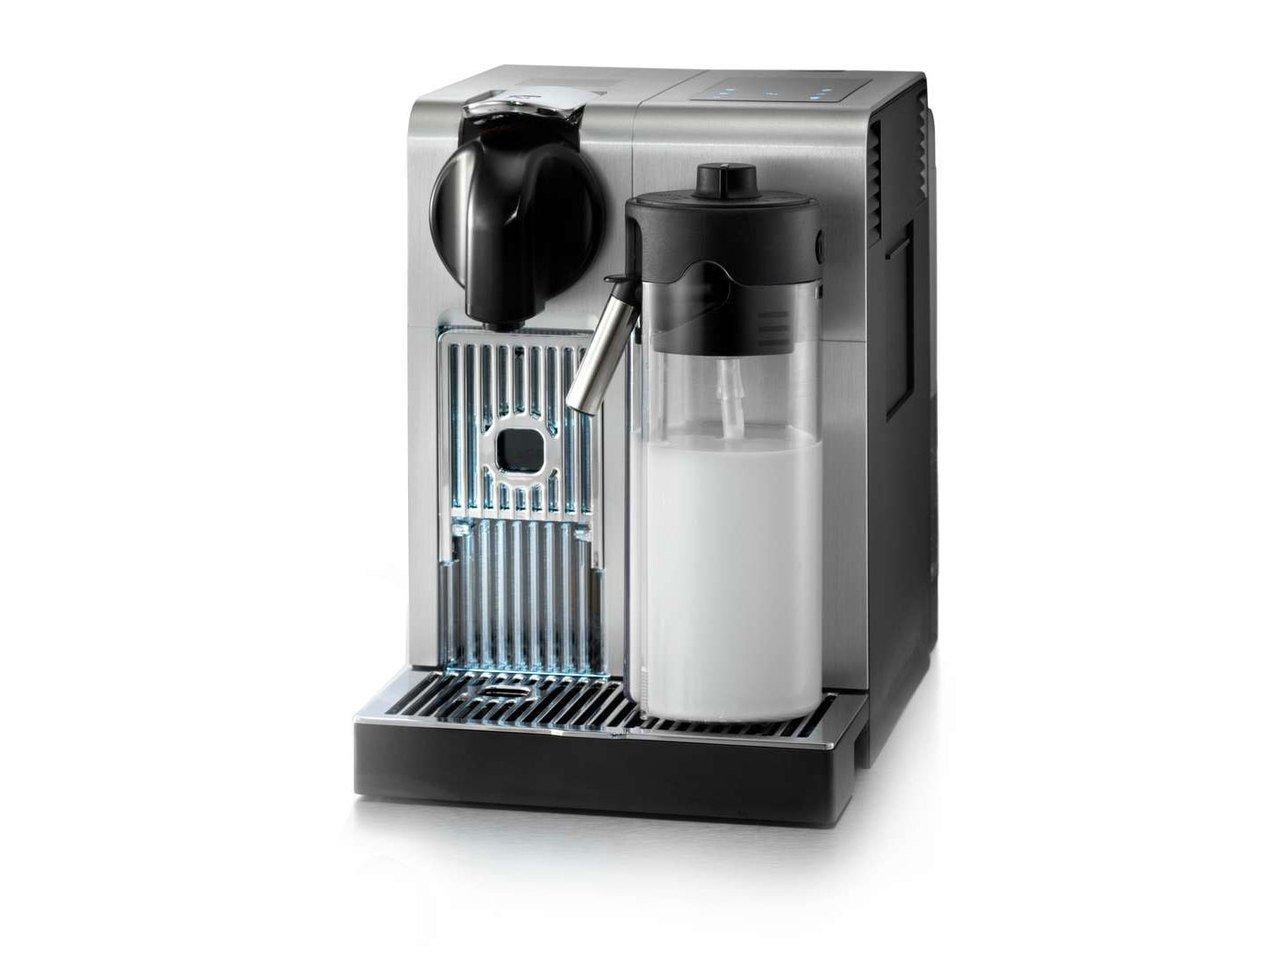 delonghi nespresso lattissima espresso cappuccino. Black Bedroom Furniture Sets. Home Design Ideas